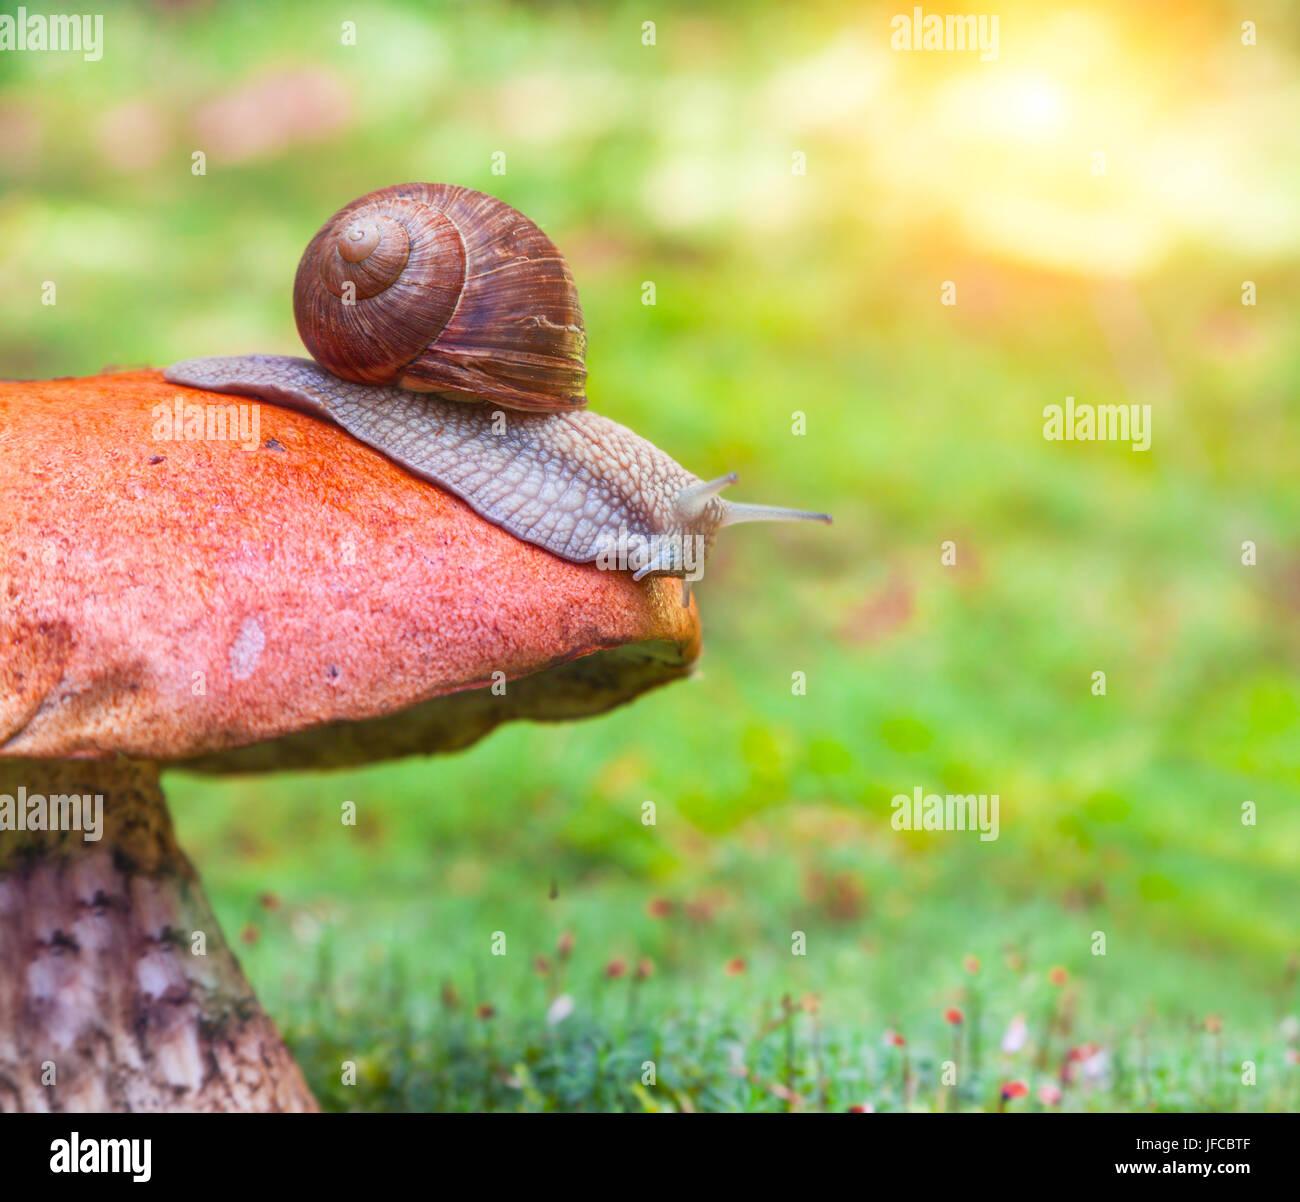 Snail on mushroom - Stock Image